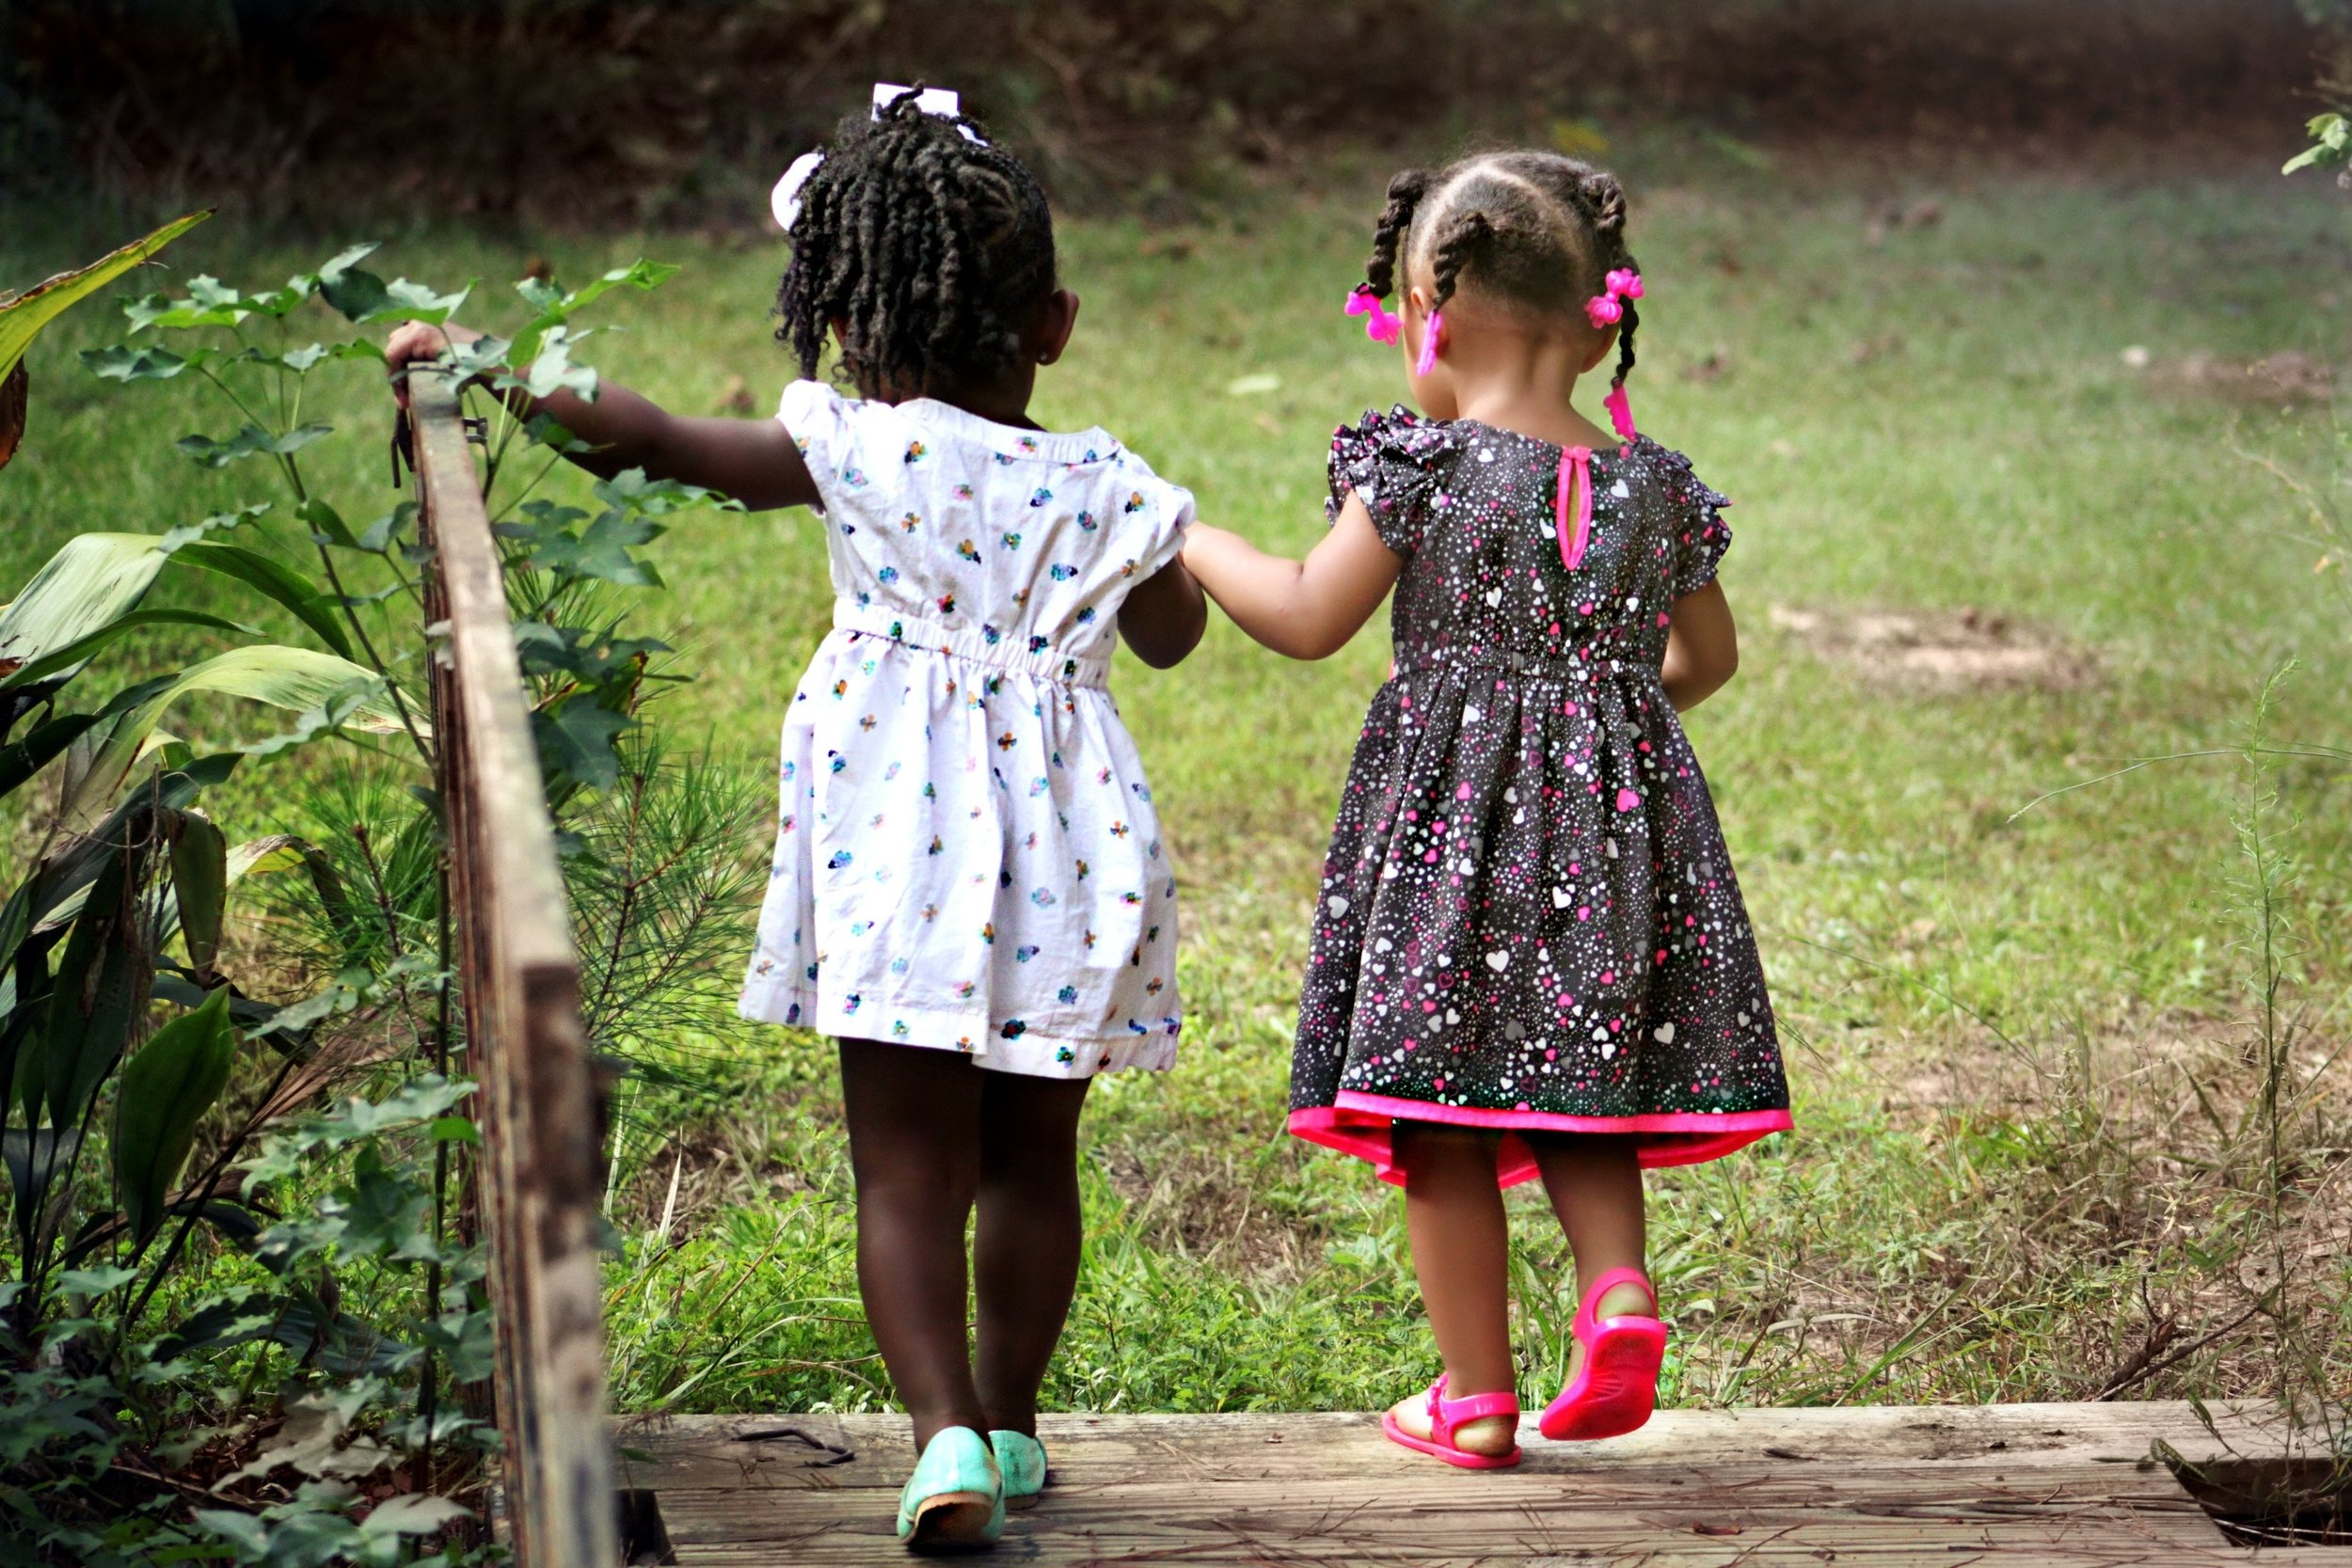 Two children girls holding hands outside